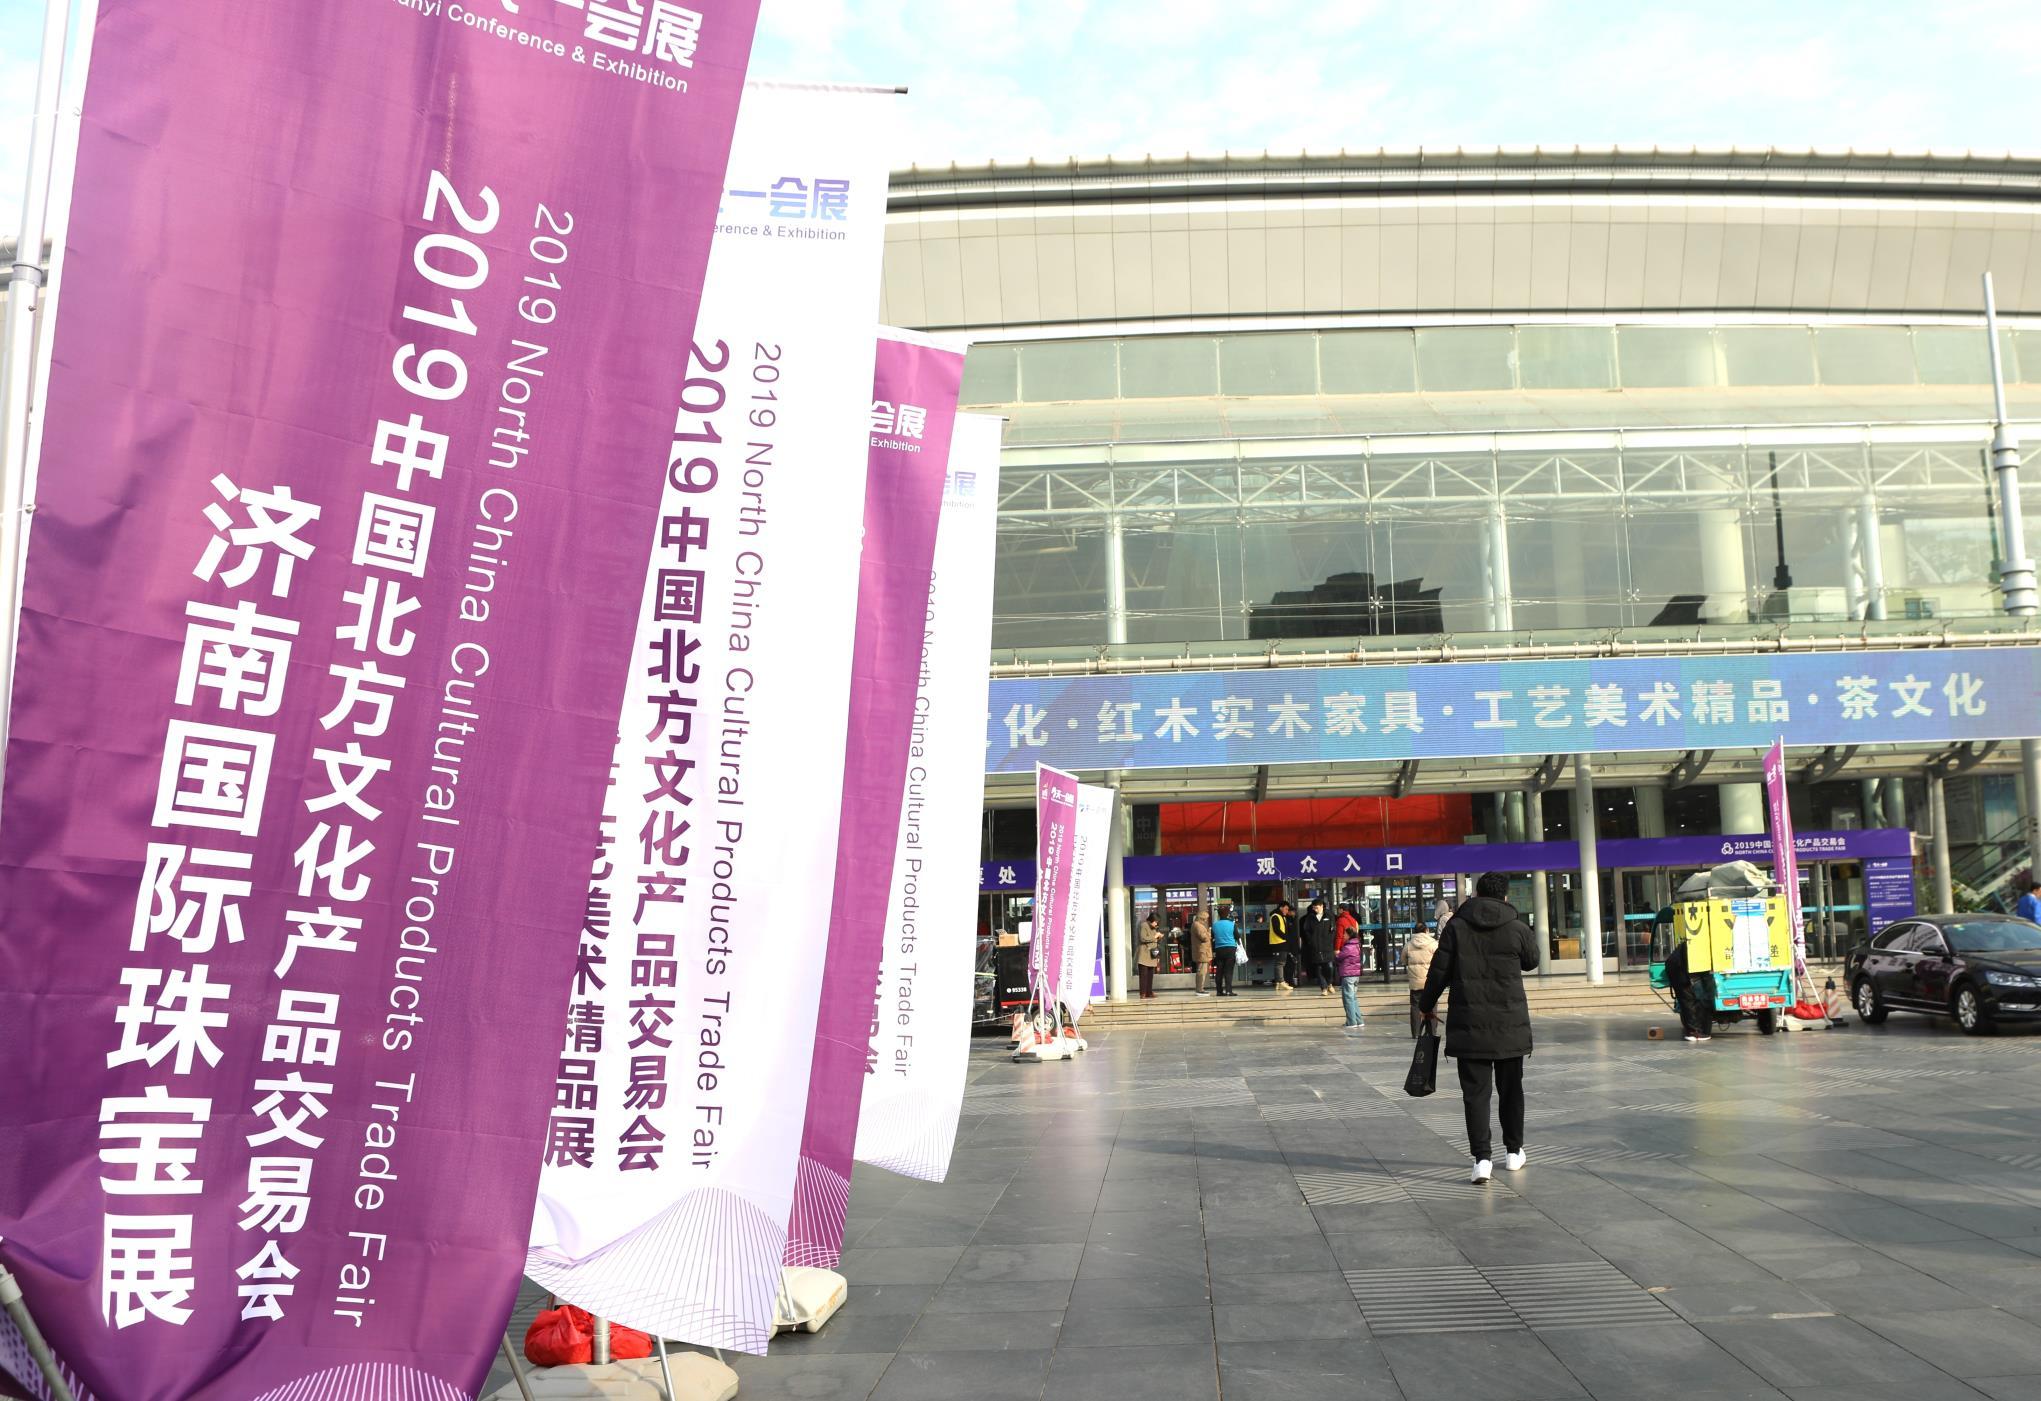 三展同台 北方文交会上演年度收官大展